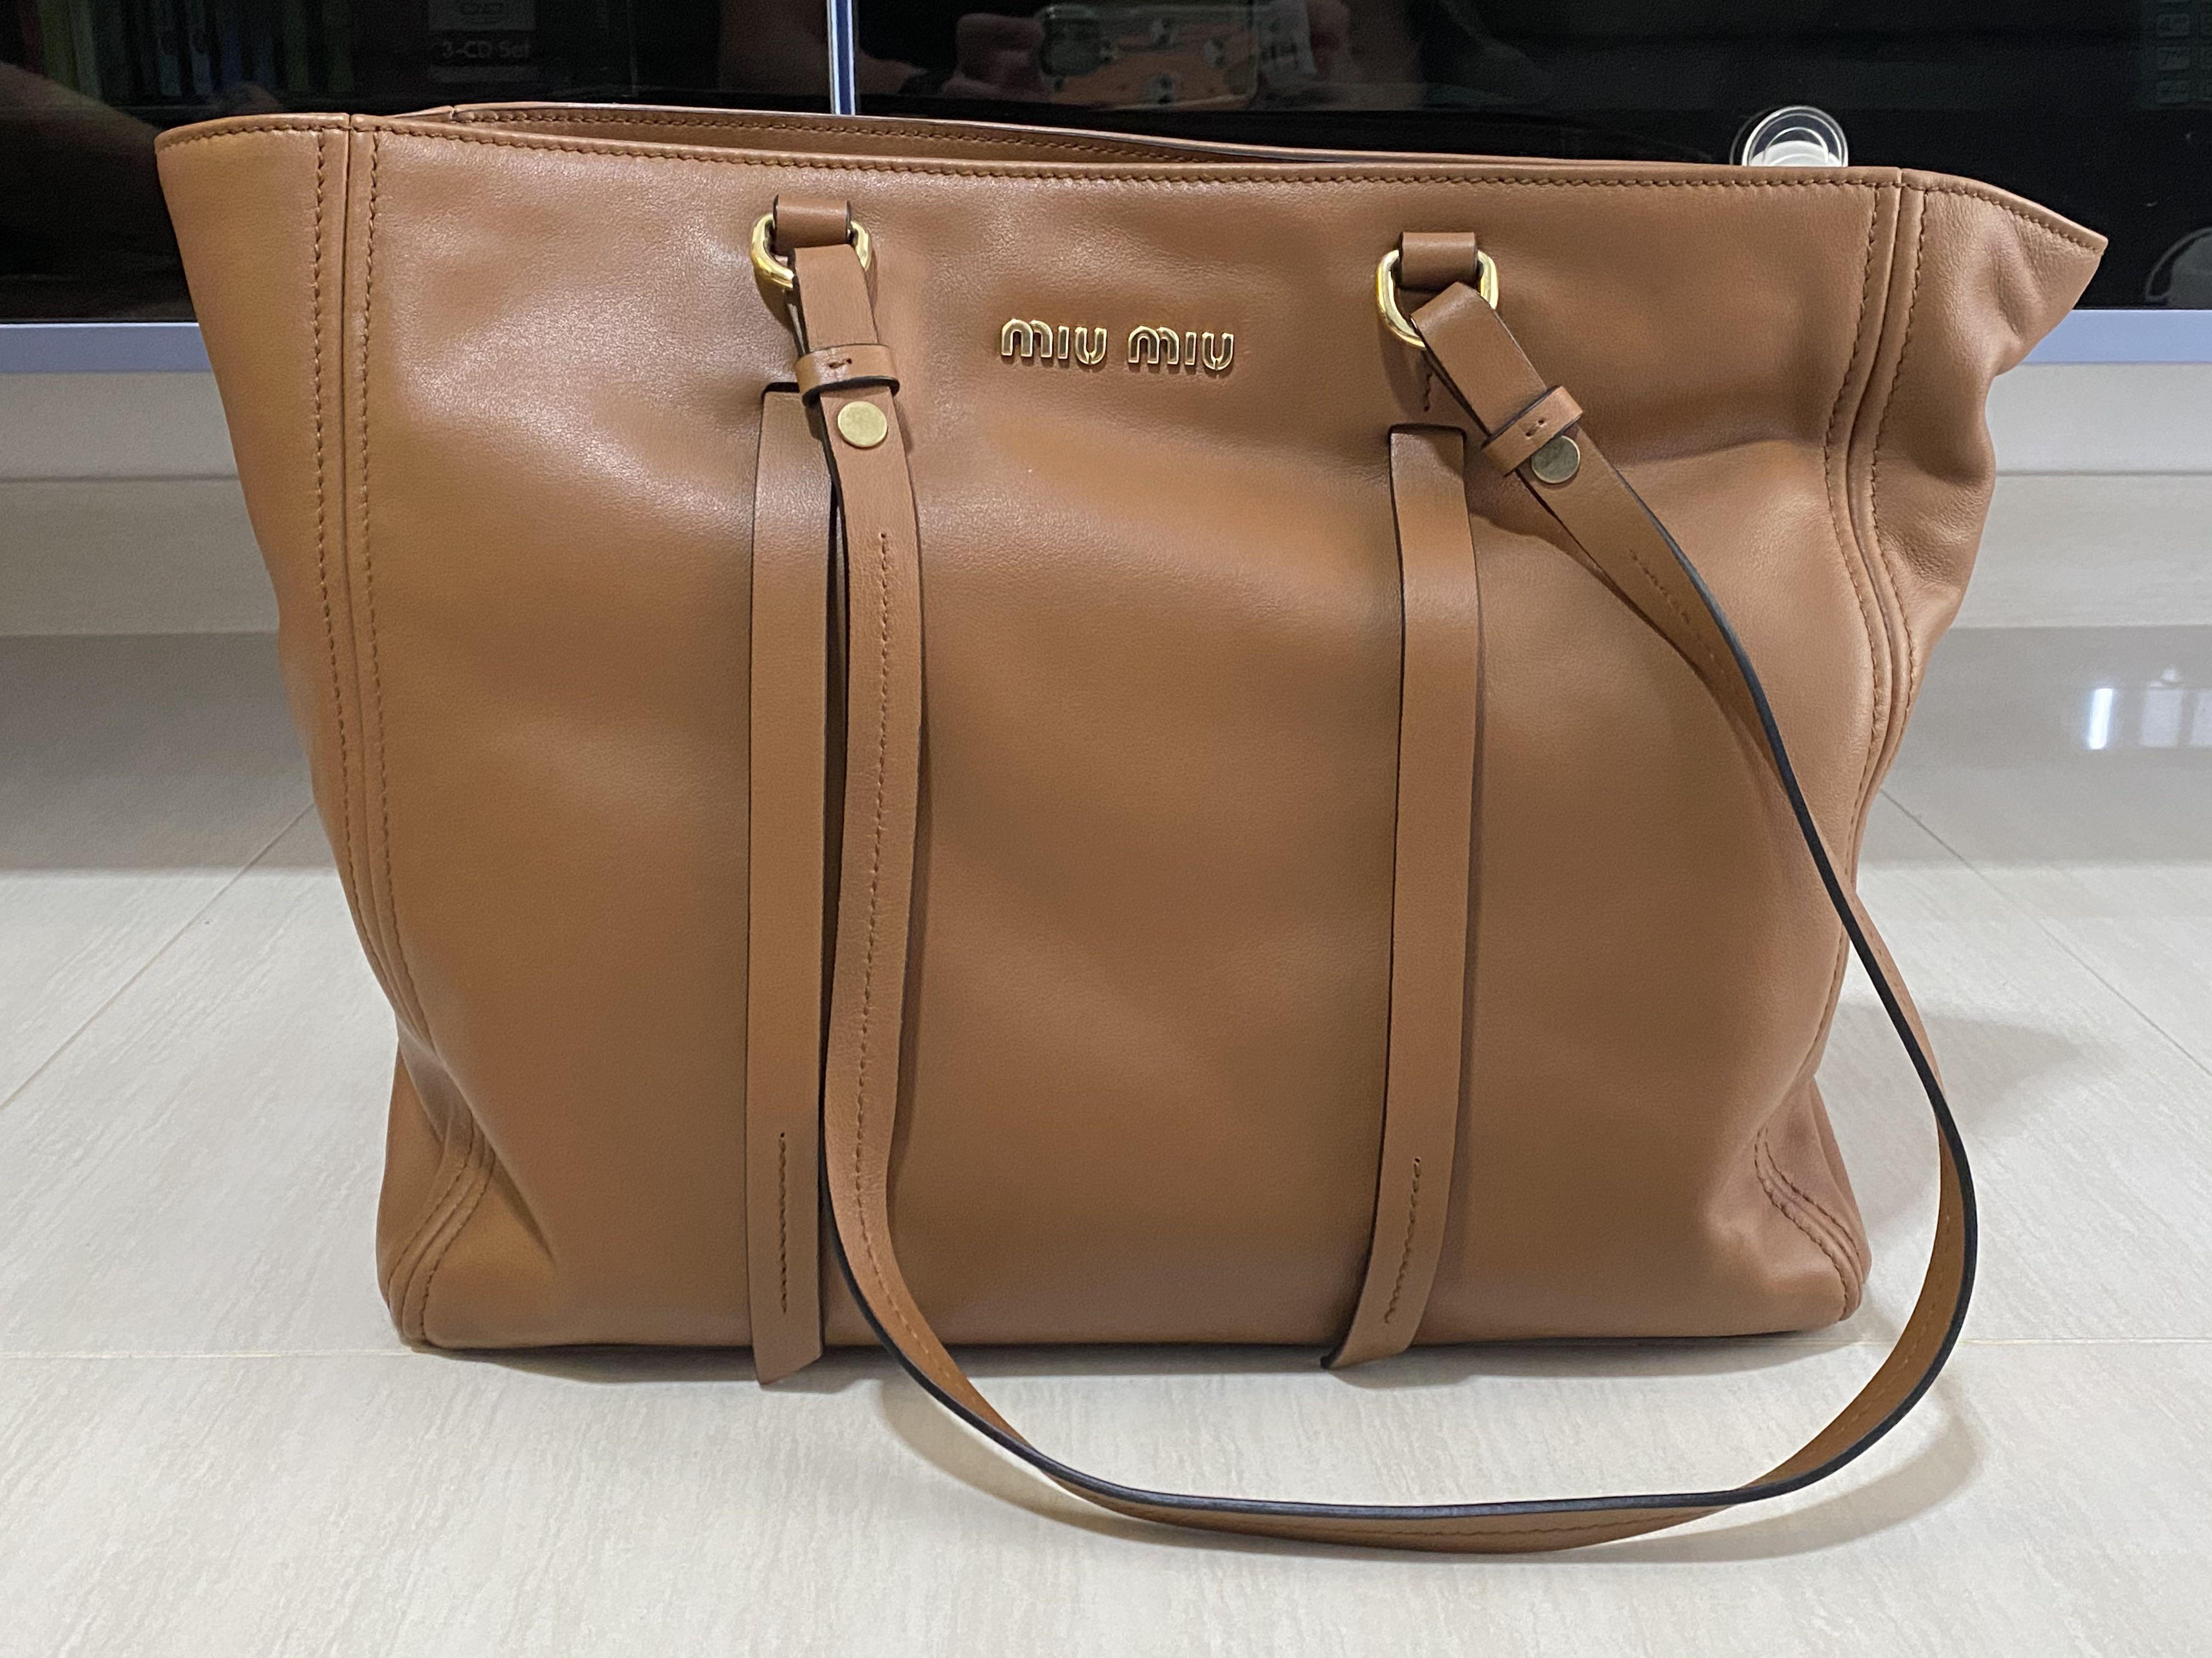 Miu Miu 5BG161 Shoulder Bag (Coonac)